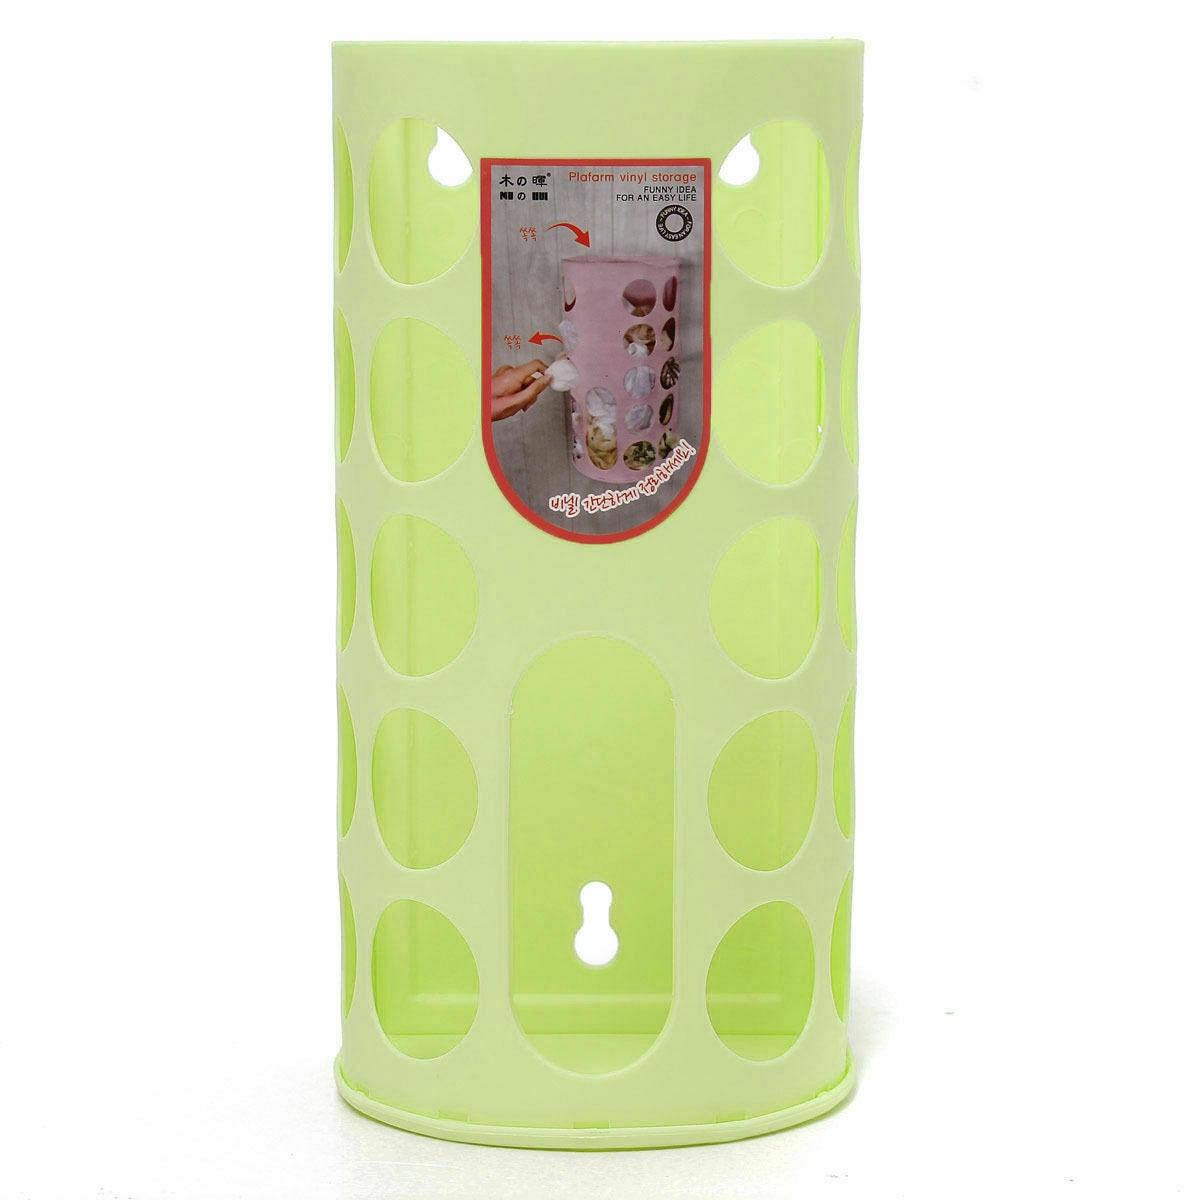 Пластиковый пакет настенный диспенсер монтируемый мешок для мусора корзина для хранения настенный ящик для хранения мусора для домашнего кухонного органайзера